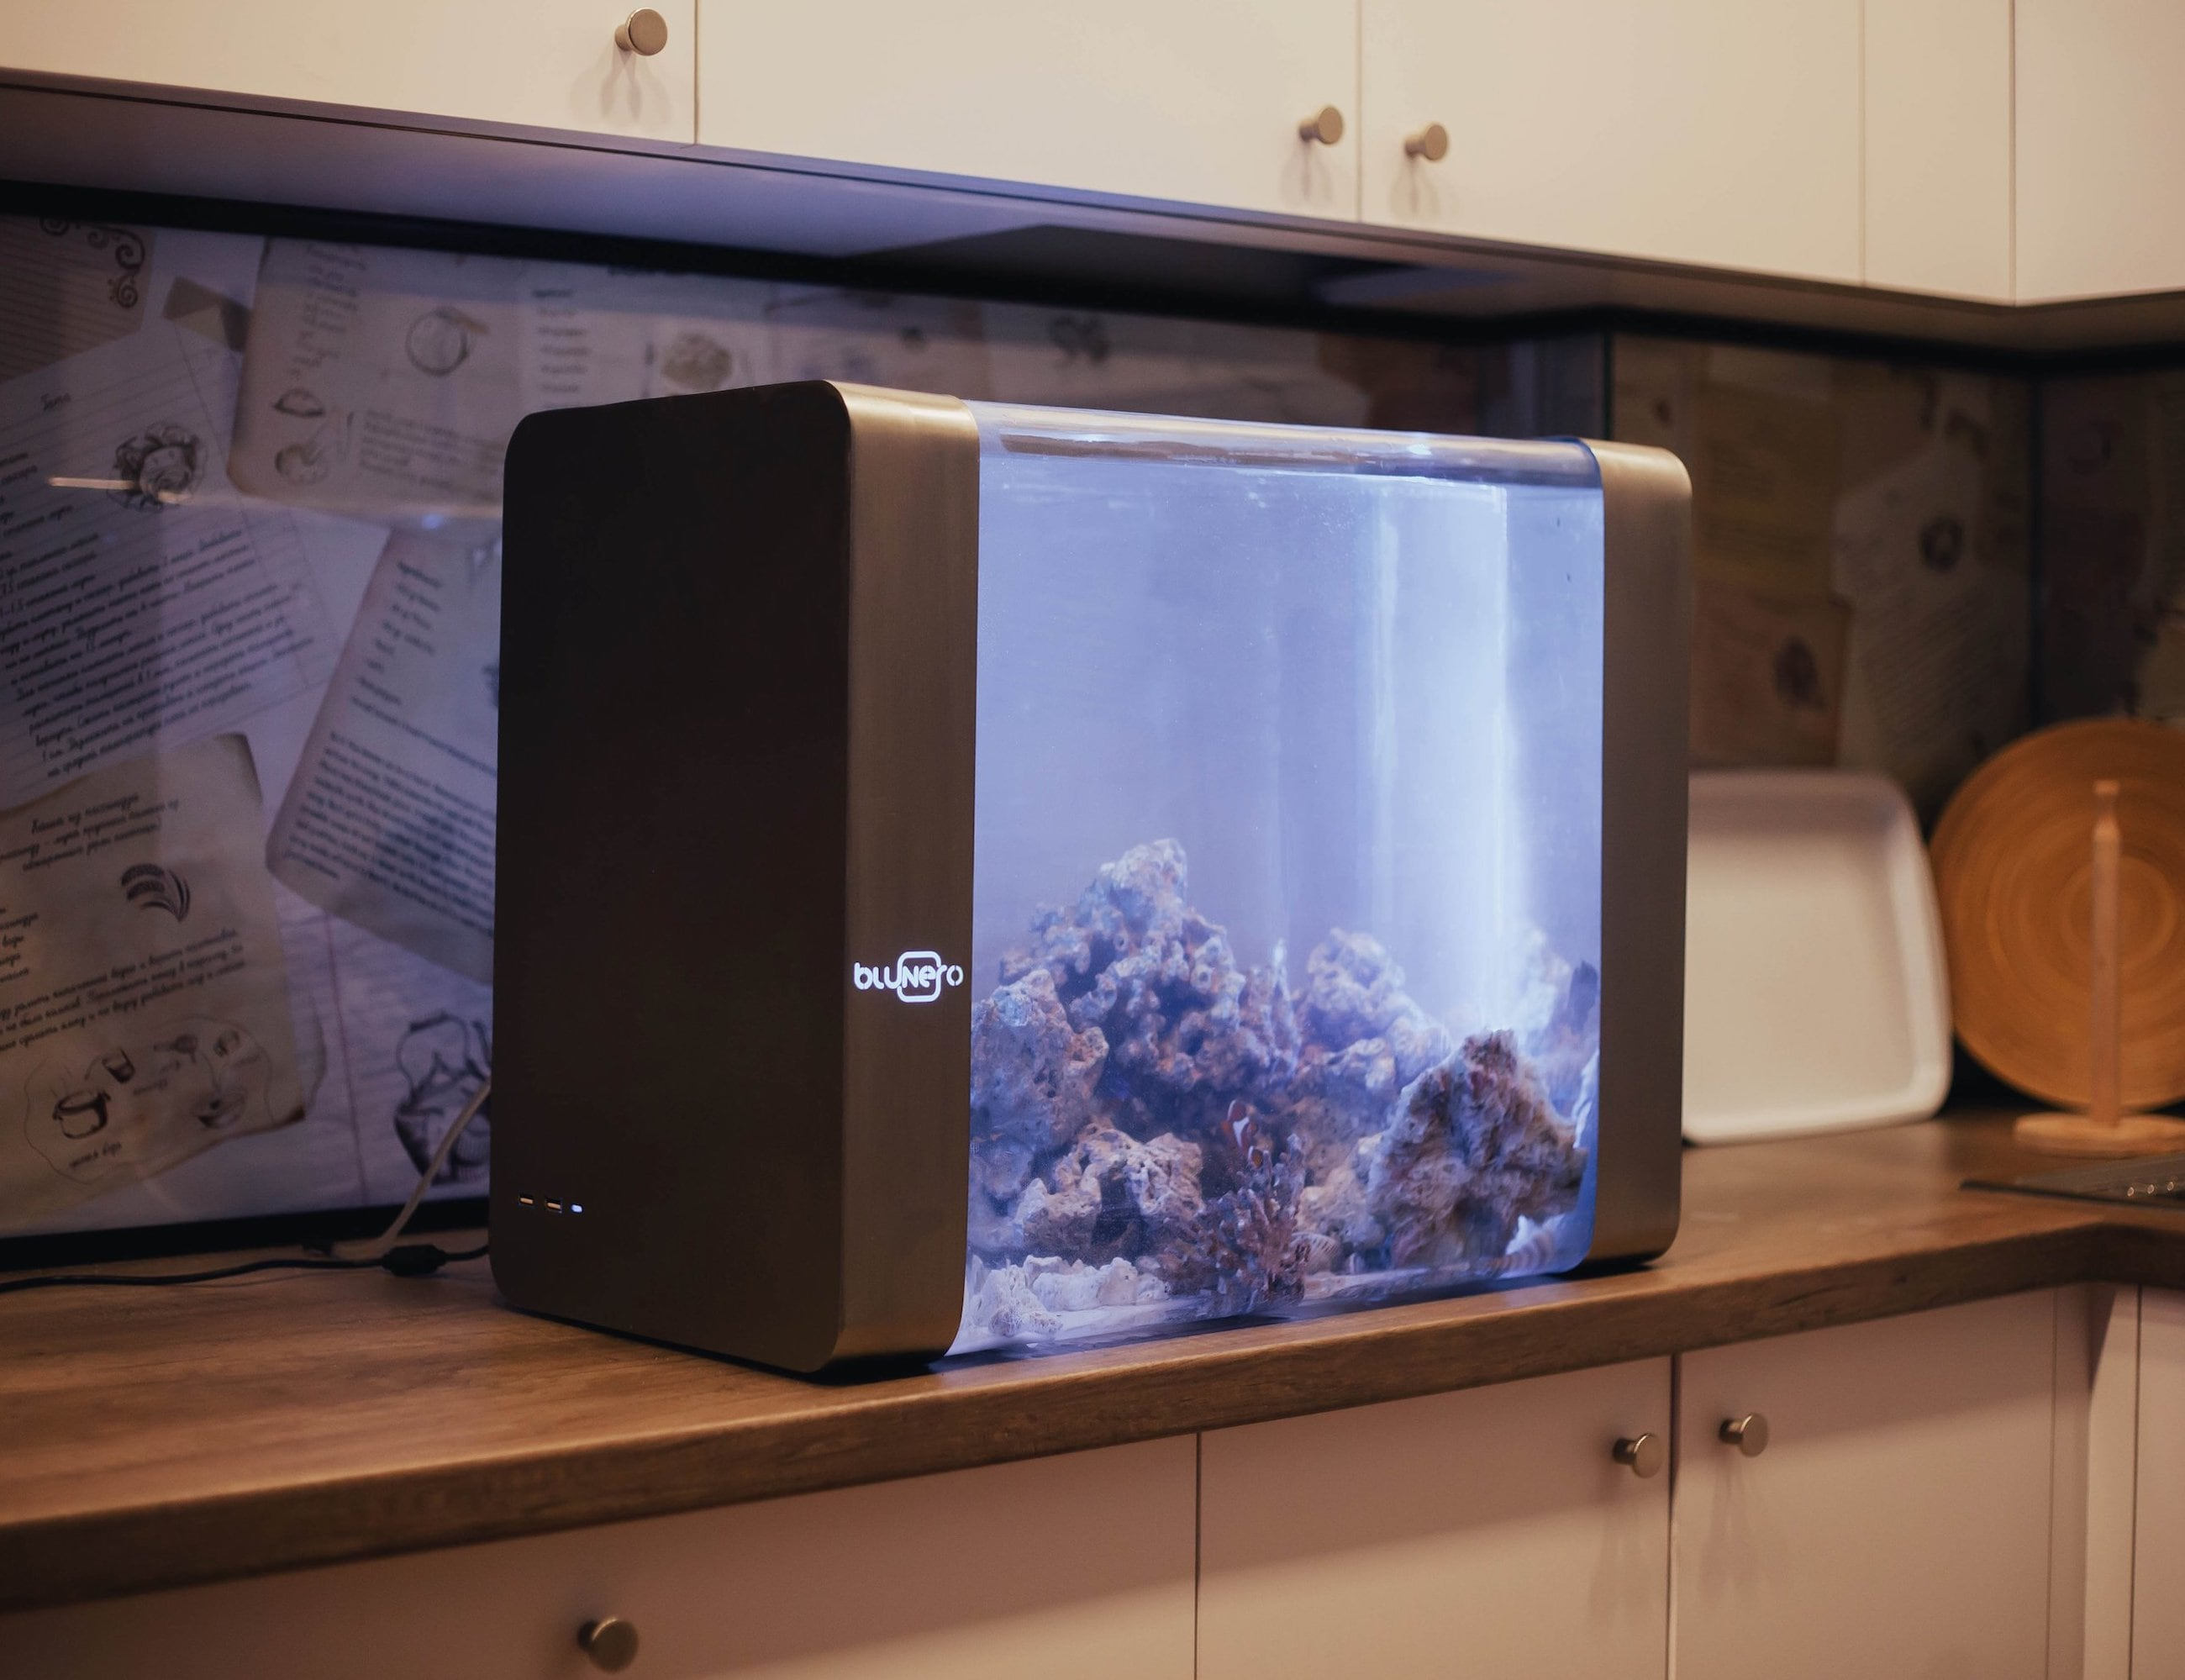 Bluenero Smart Home Aquarium